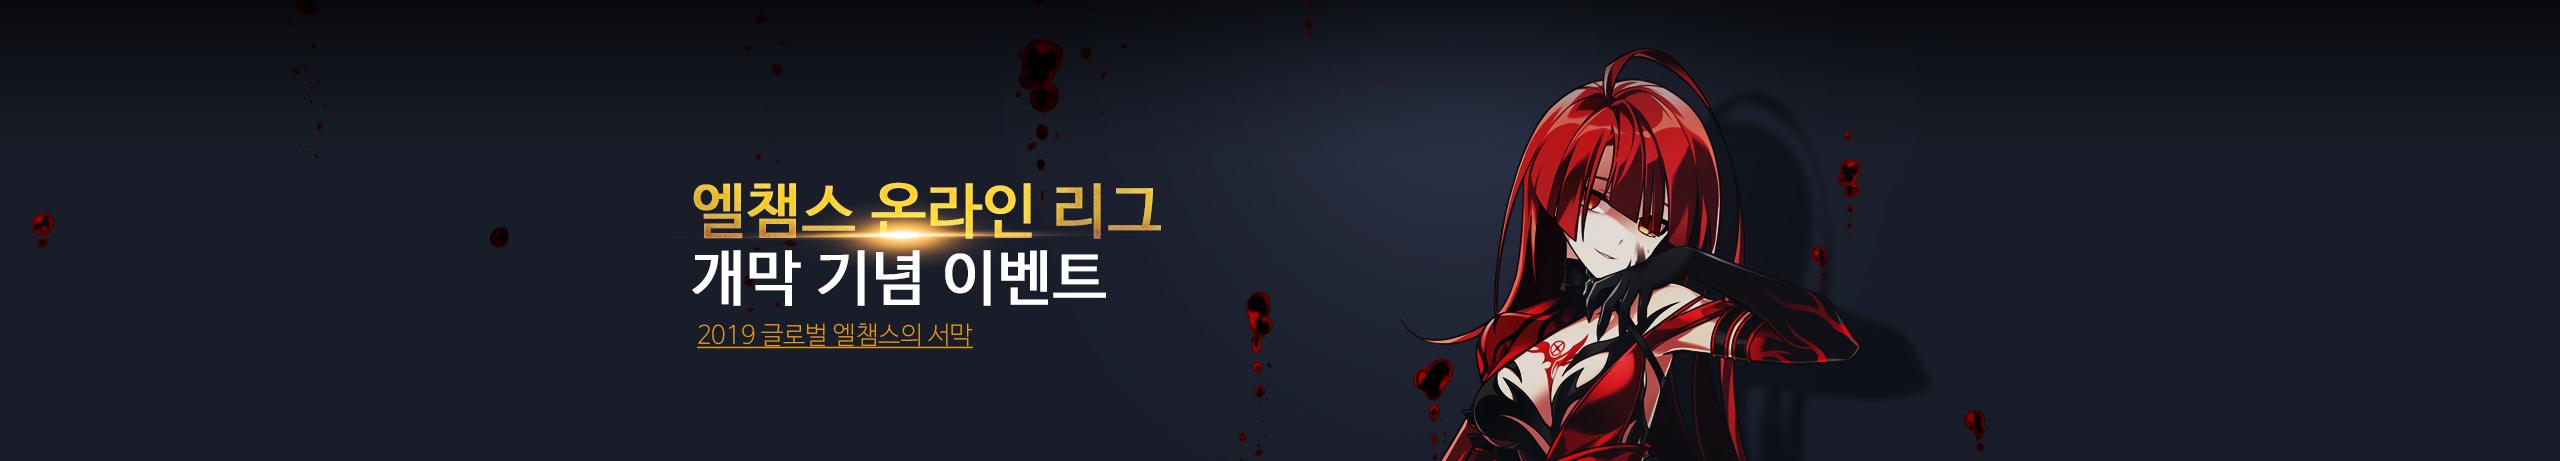 엘챔스 온라인 리그 이벤트